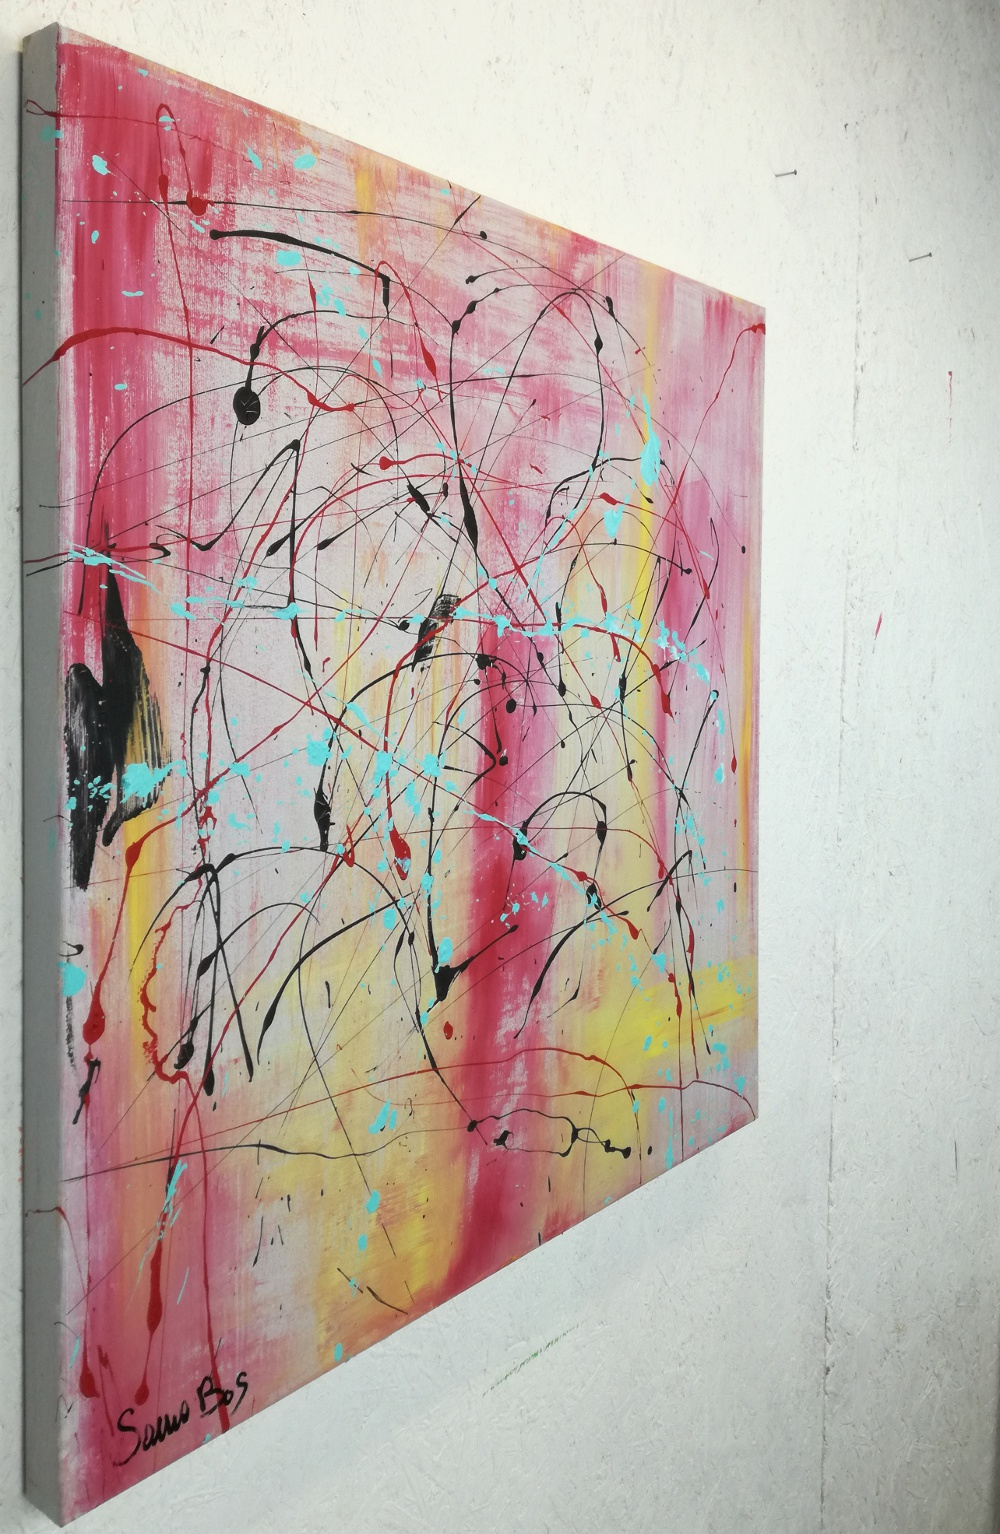 quadri moderni astratti-70x70 | sauro bos